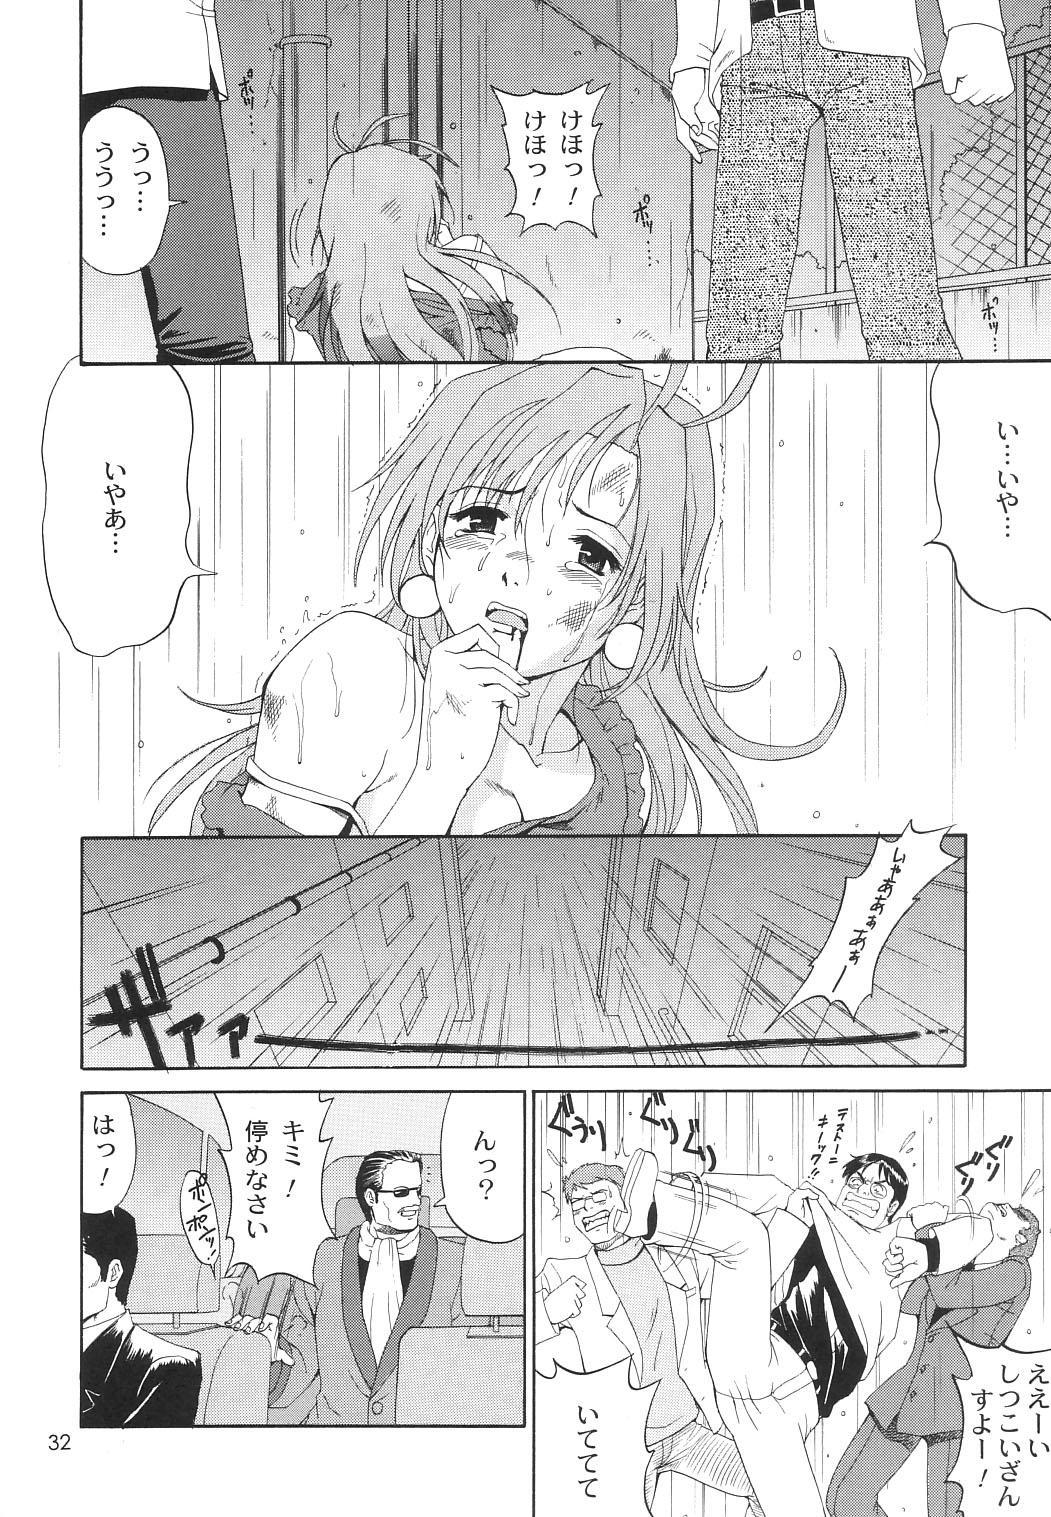 Boku no Seinen Kouken-nin 6 30